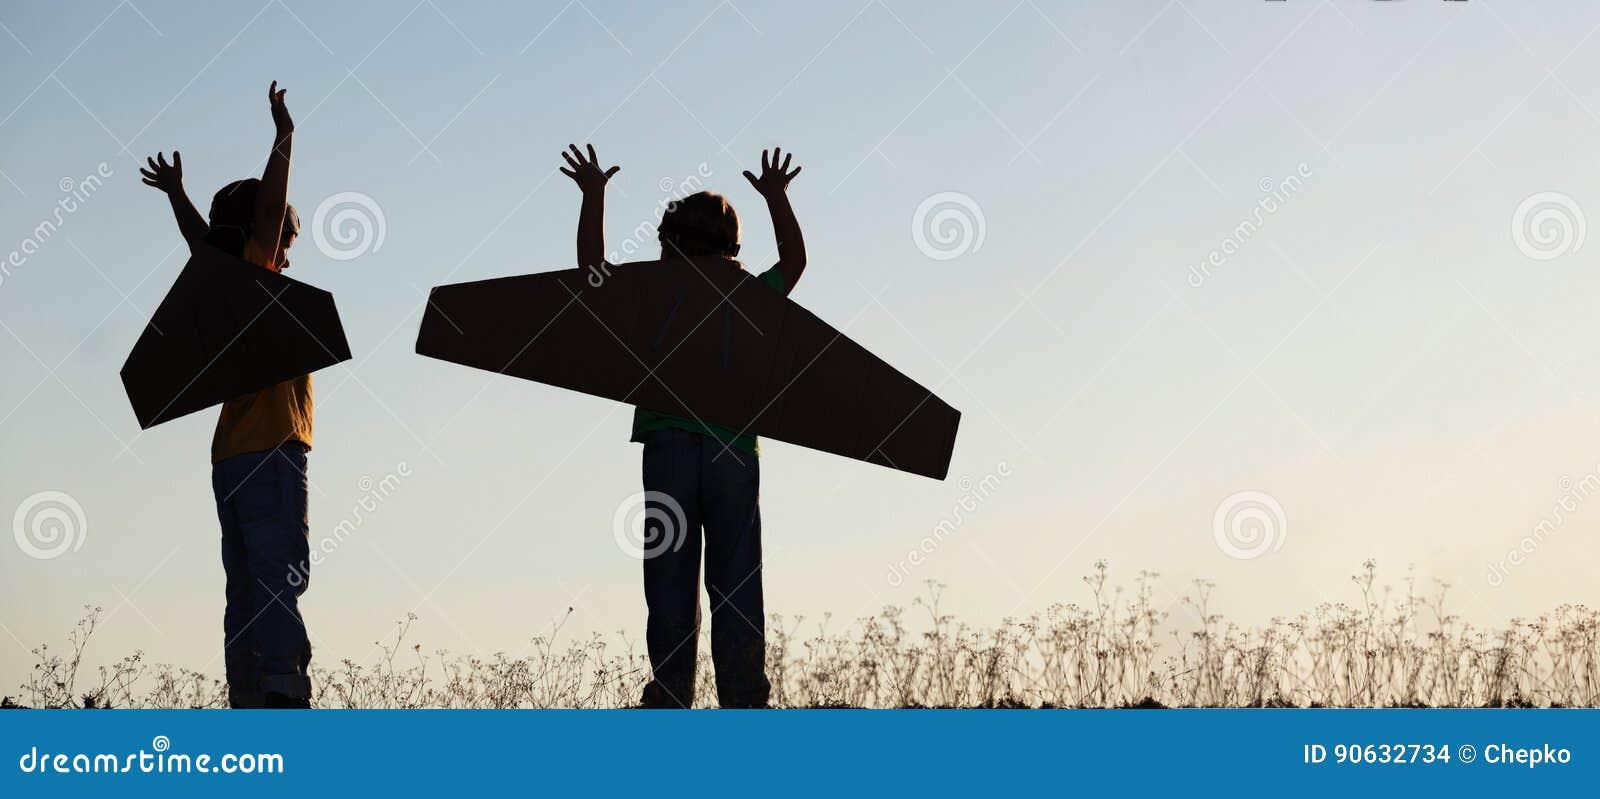 Siluetee al muchacho con las cajas de cartón de alas contra el sueño o del cielo